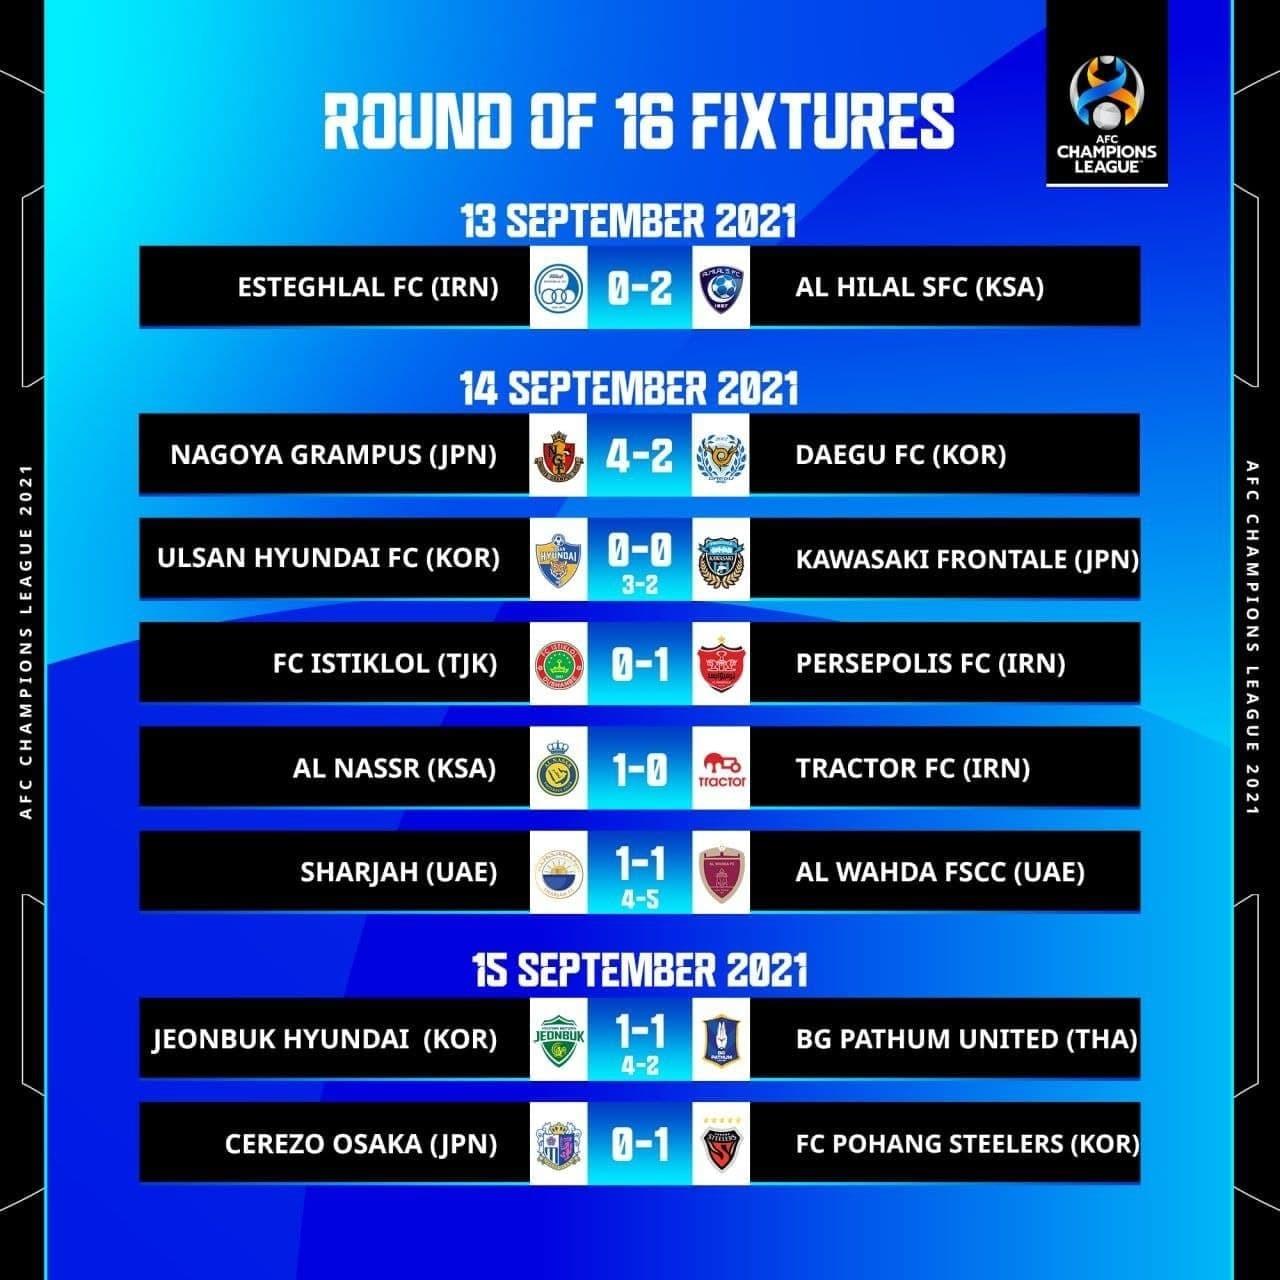 ۸ تیم راه یافته به یک چهارم نهایی لیگ قهرمانان آسیا